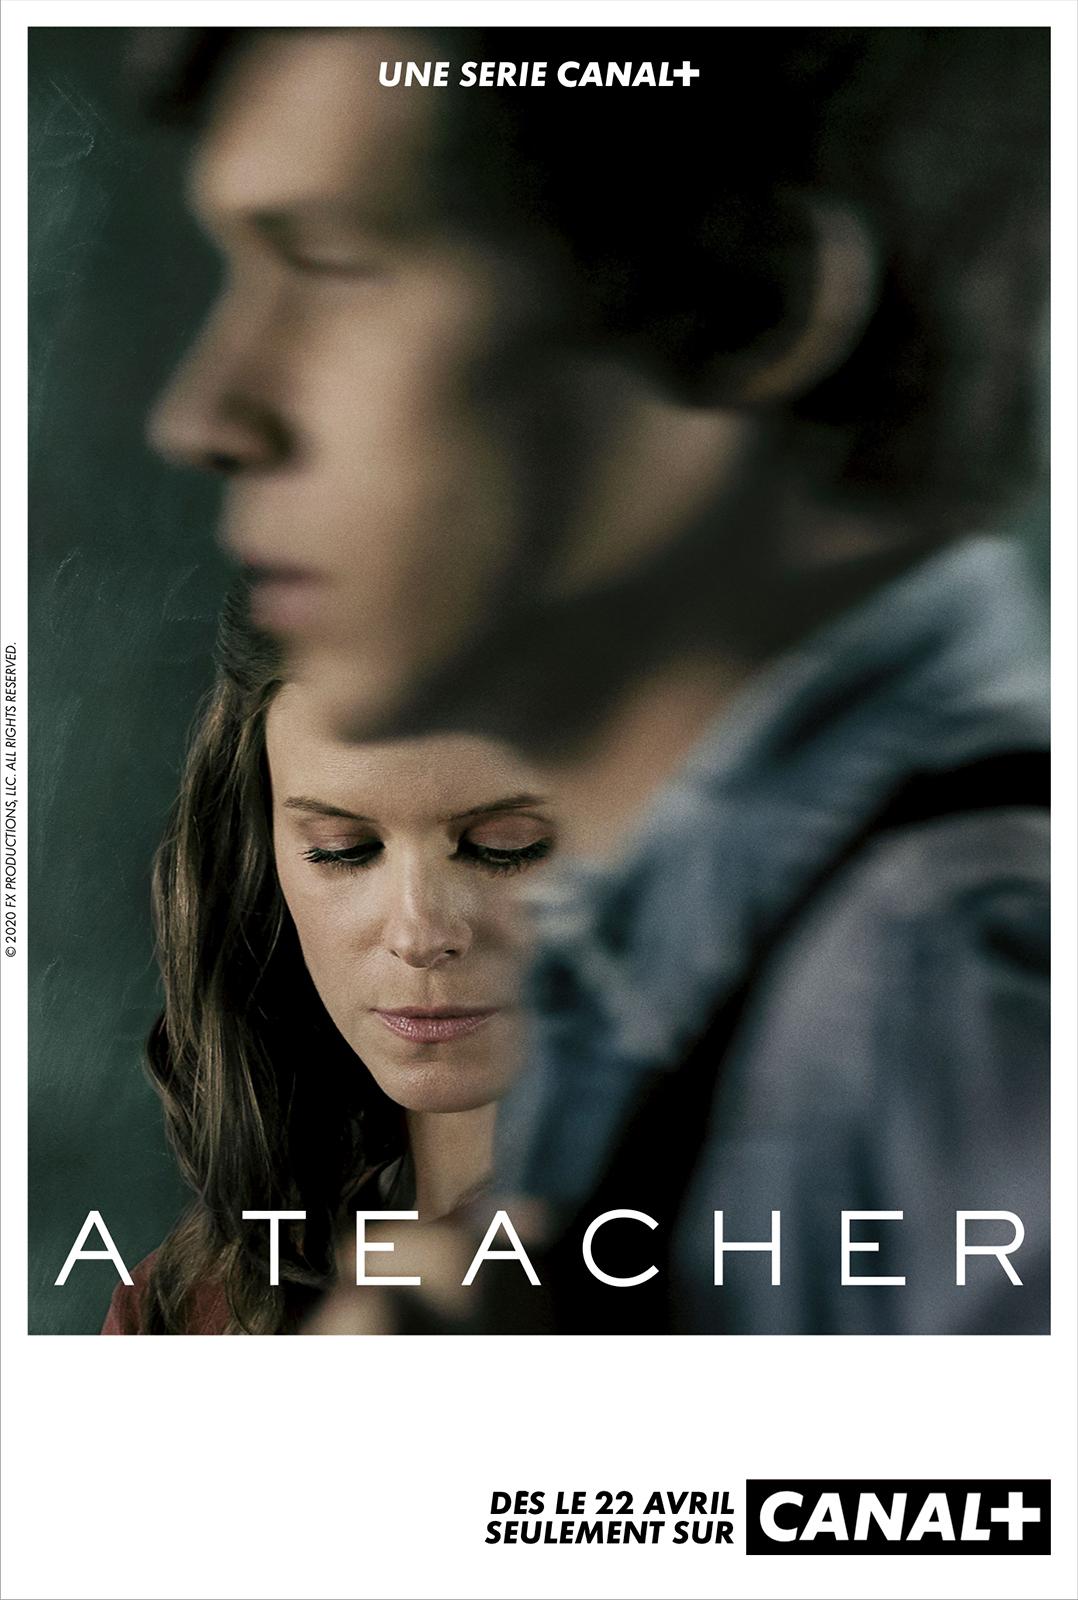 20 - A Teacher